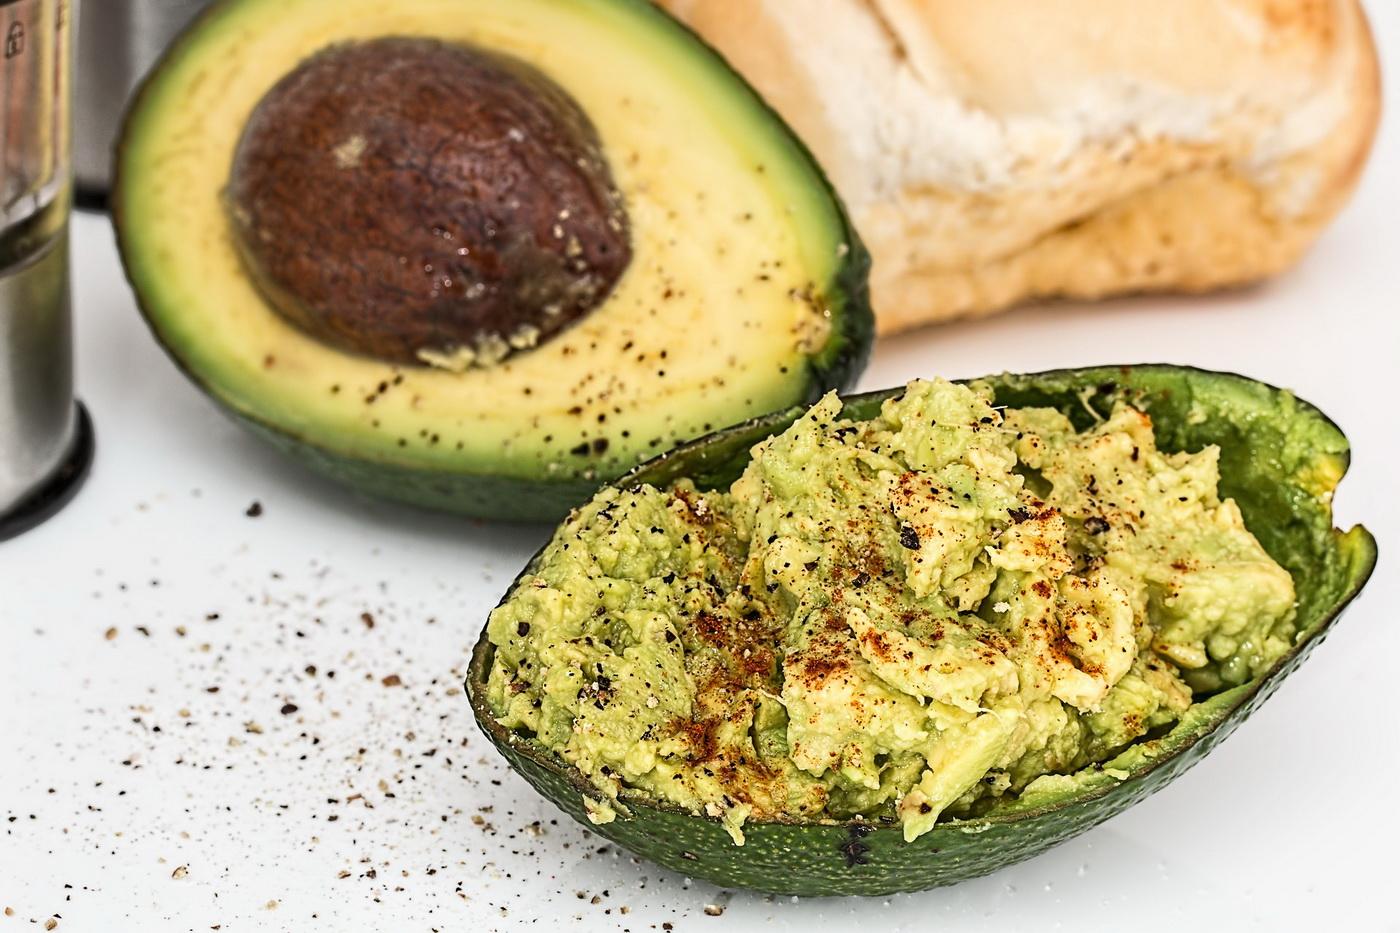 Foods for beautiful skin eat it or wear it-Avocado